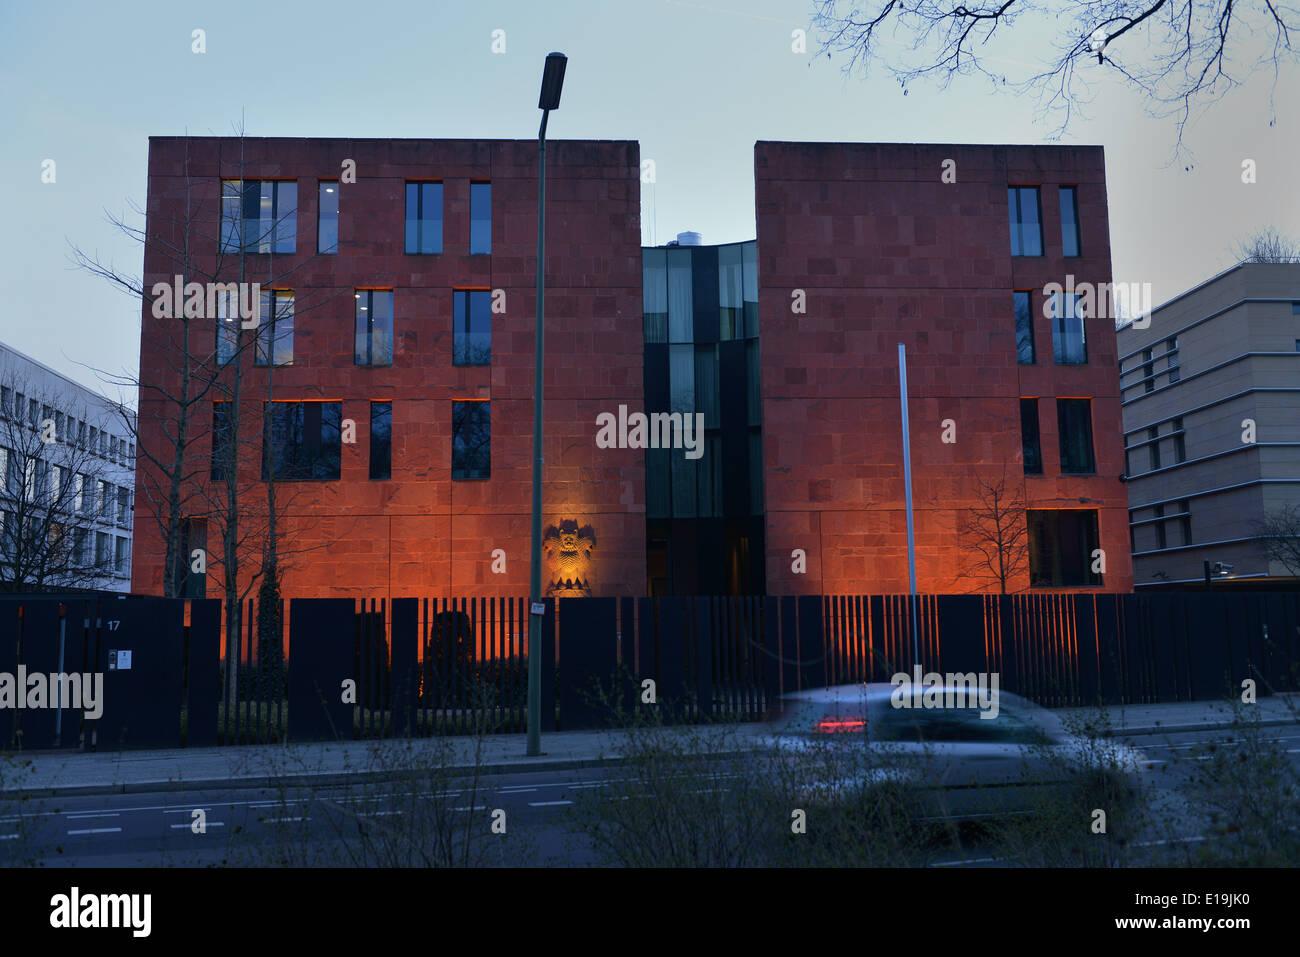 Botschaft Indien,Tiergartenstrasse, Tiergarten, Berlin, Deutschland Photo Stock